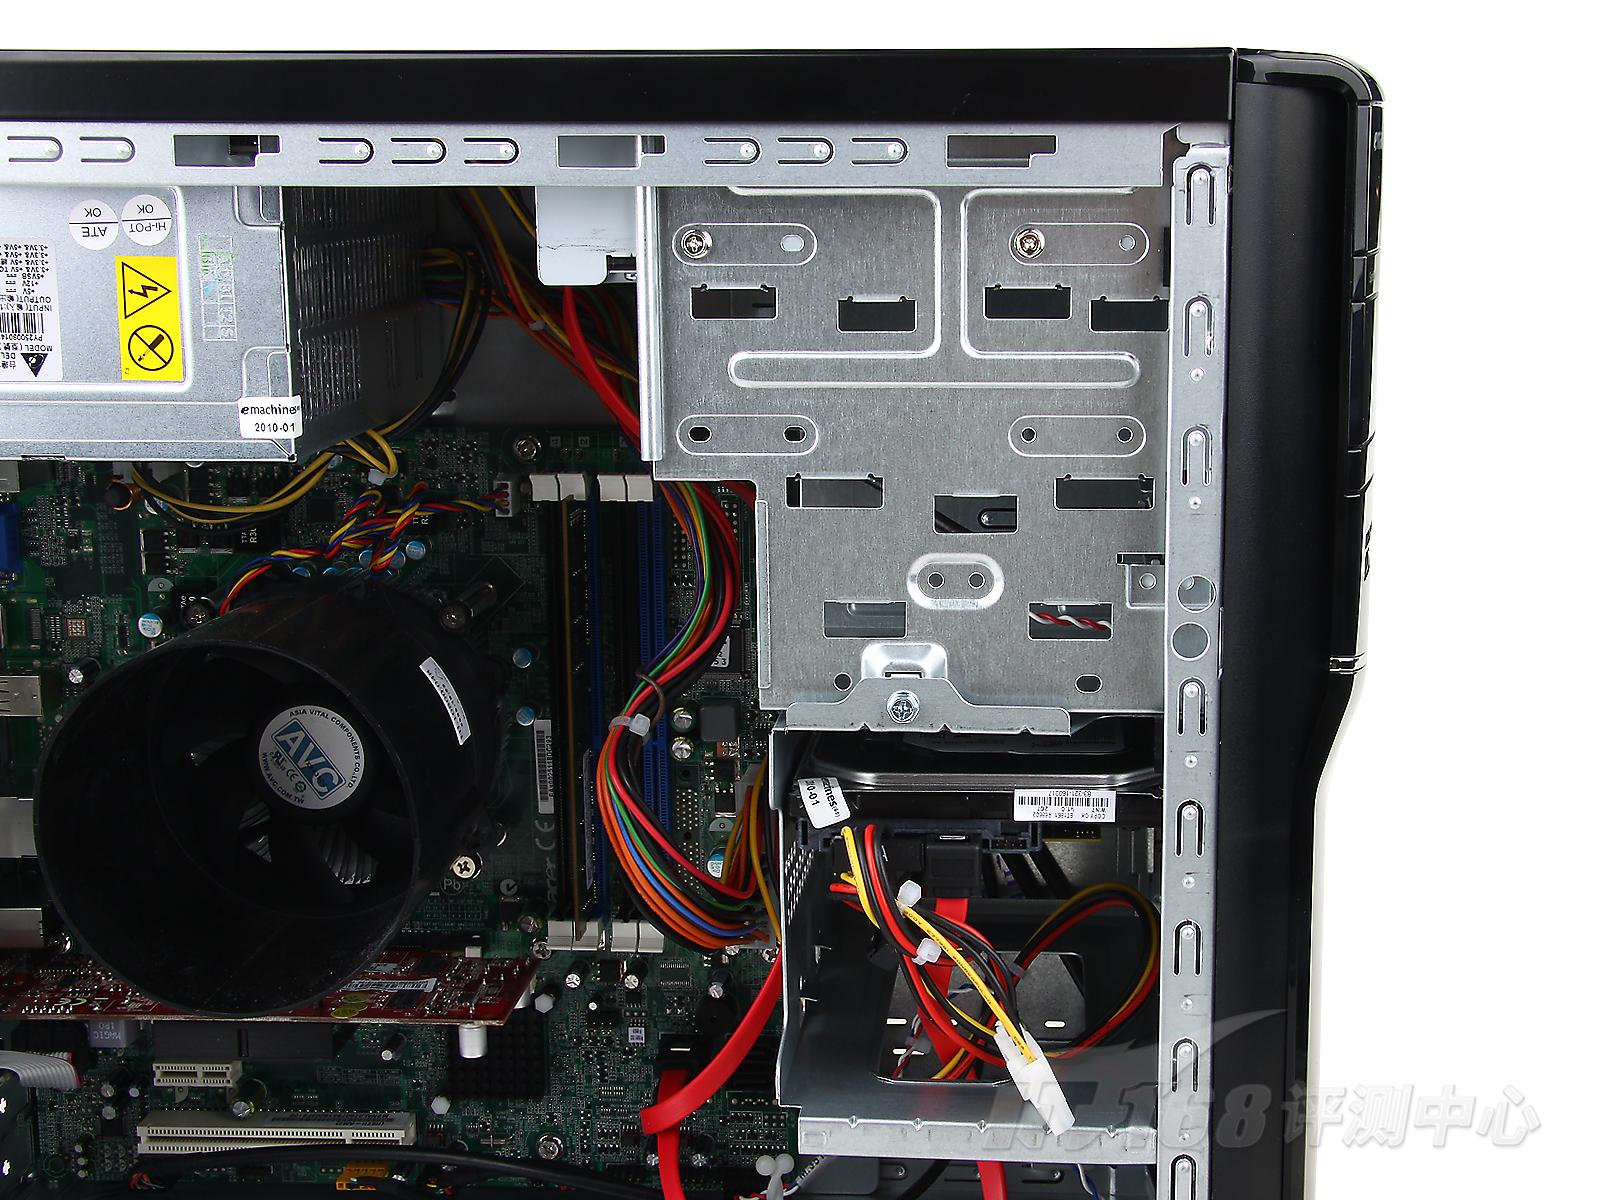 上的散热风扇被精简,同时标配的电源也仅为250瓦额定输出的台达产品